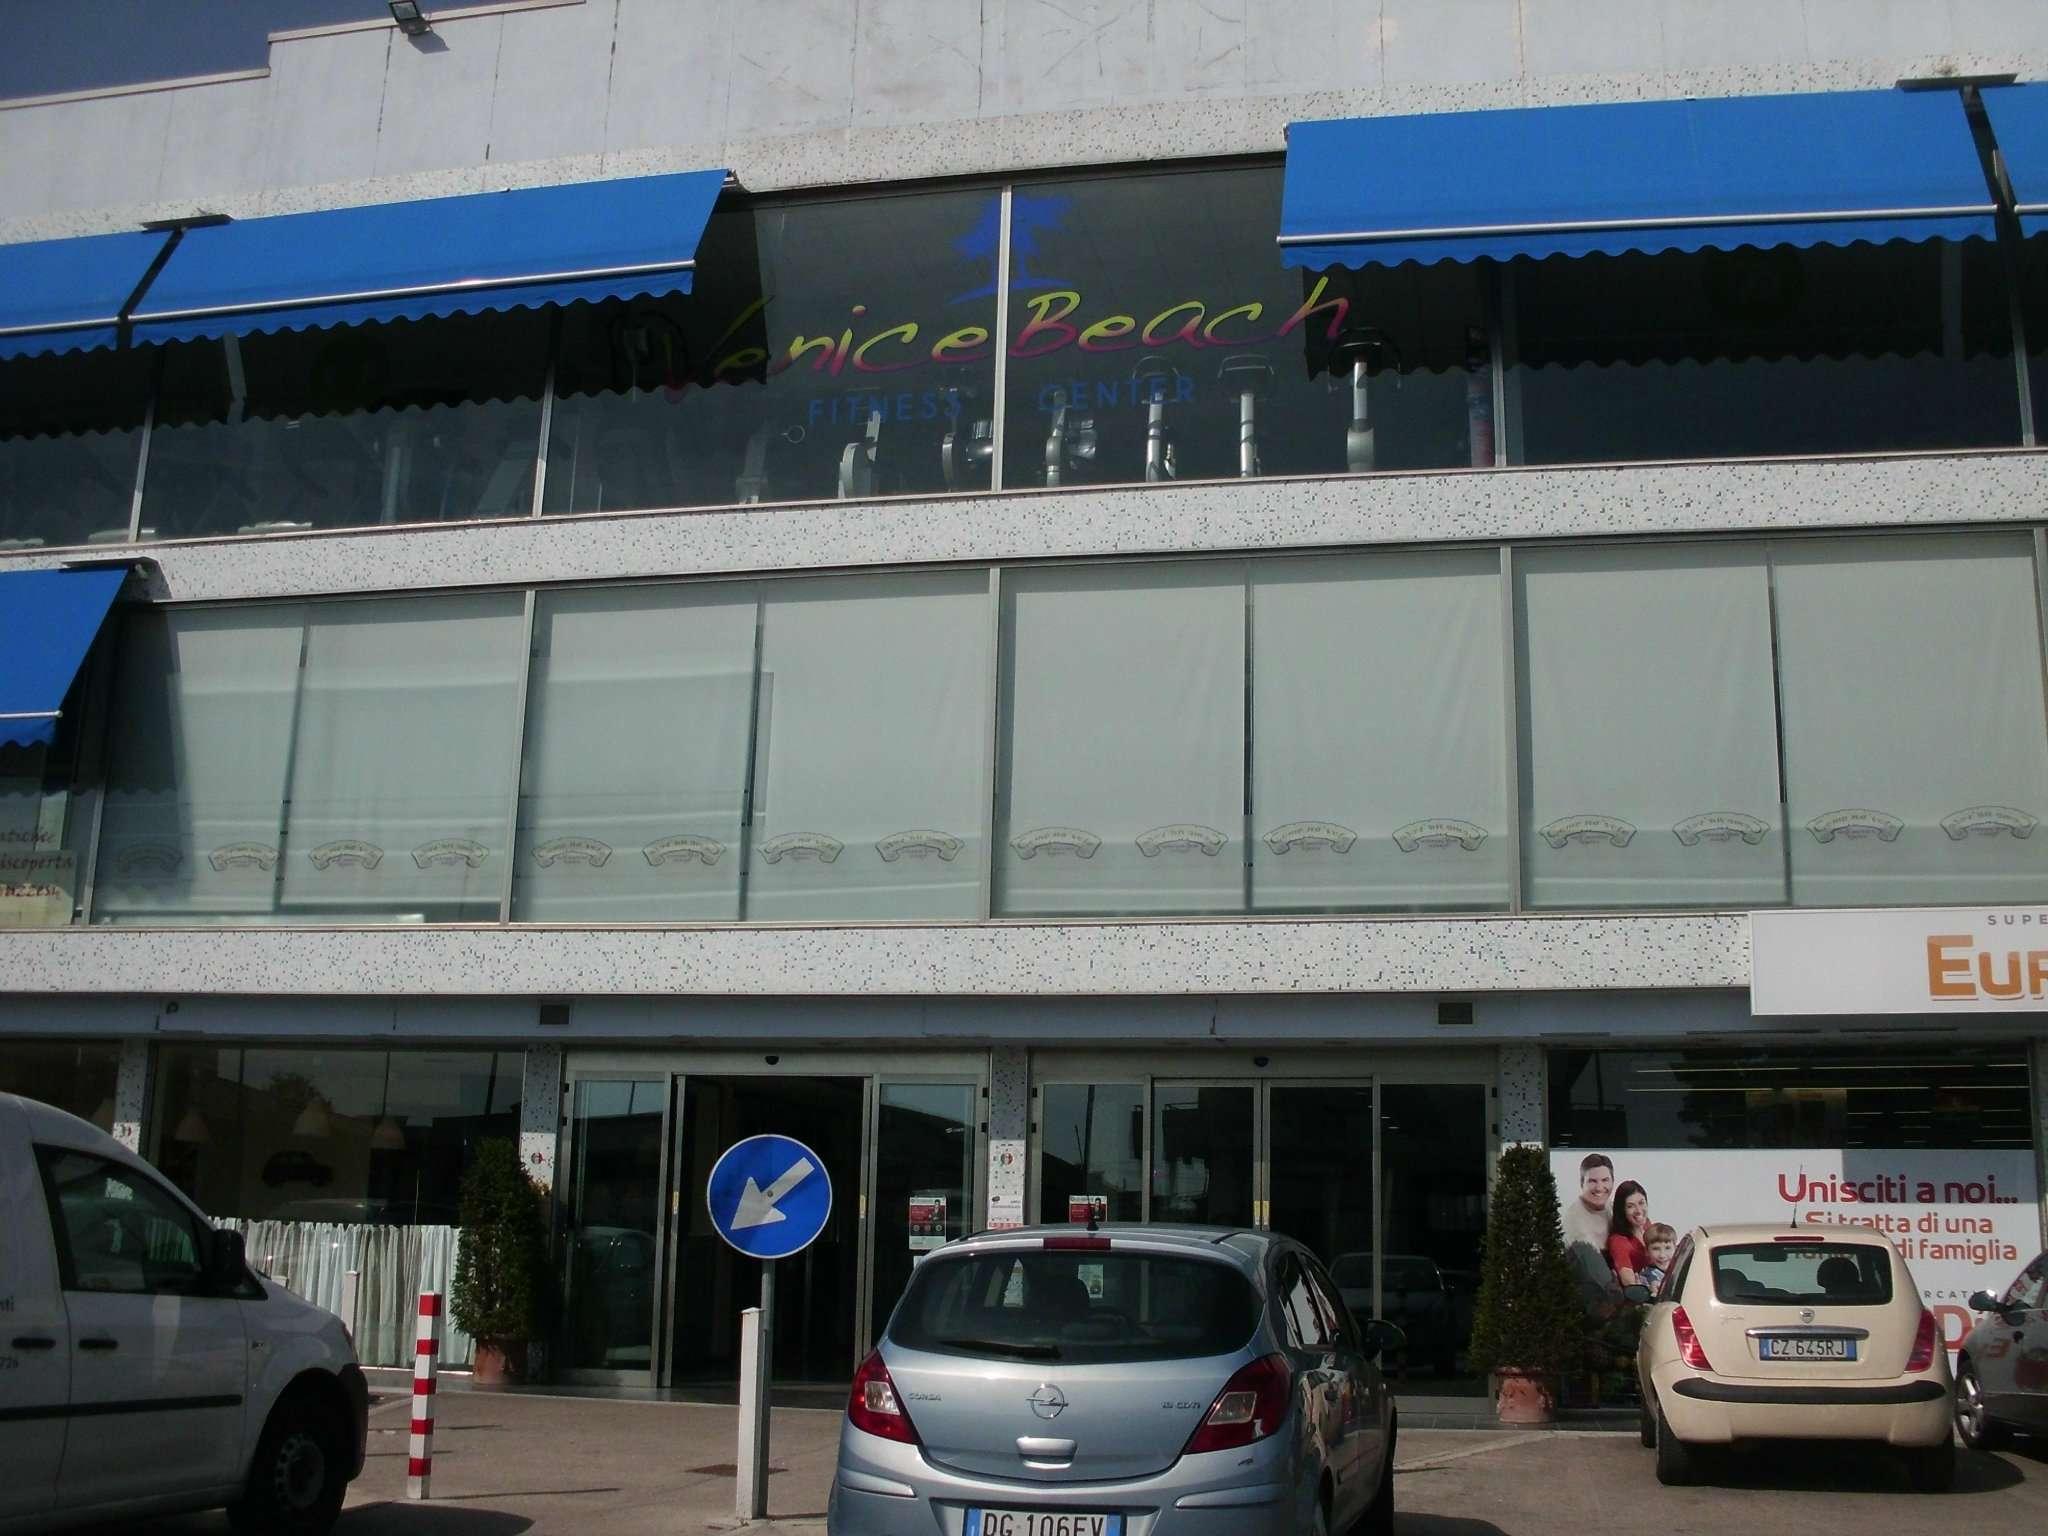 Ufficio / Studio in affitto a Silvi, 1 locali, prezzo € 150 | CambioCasa.it